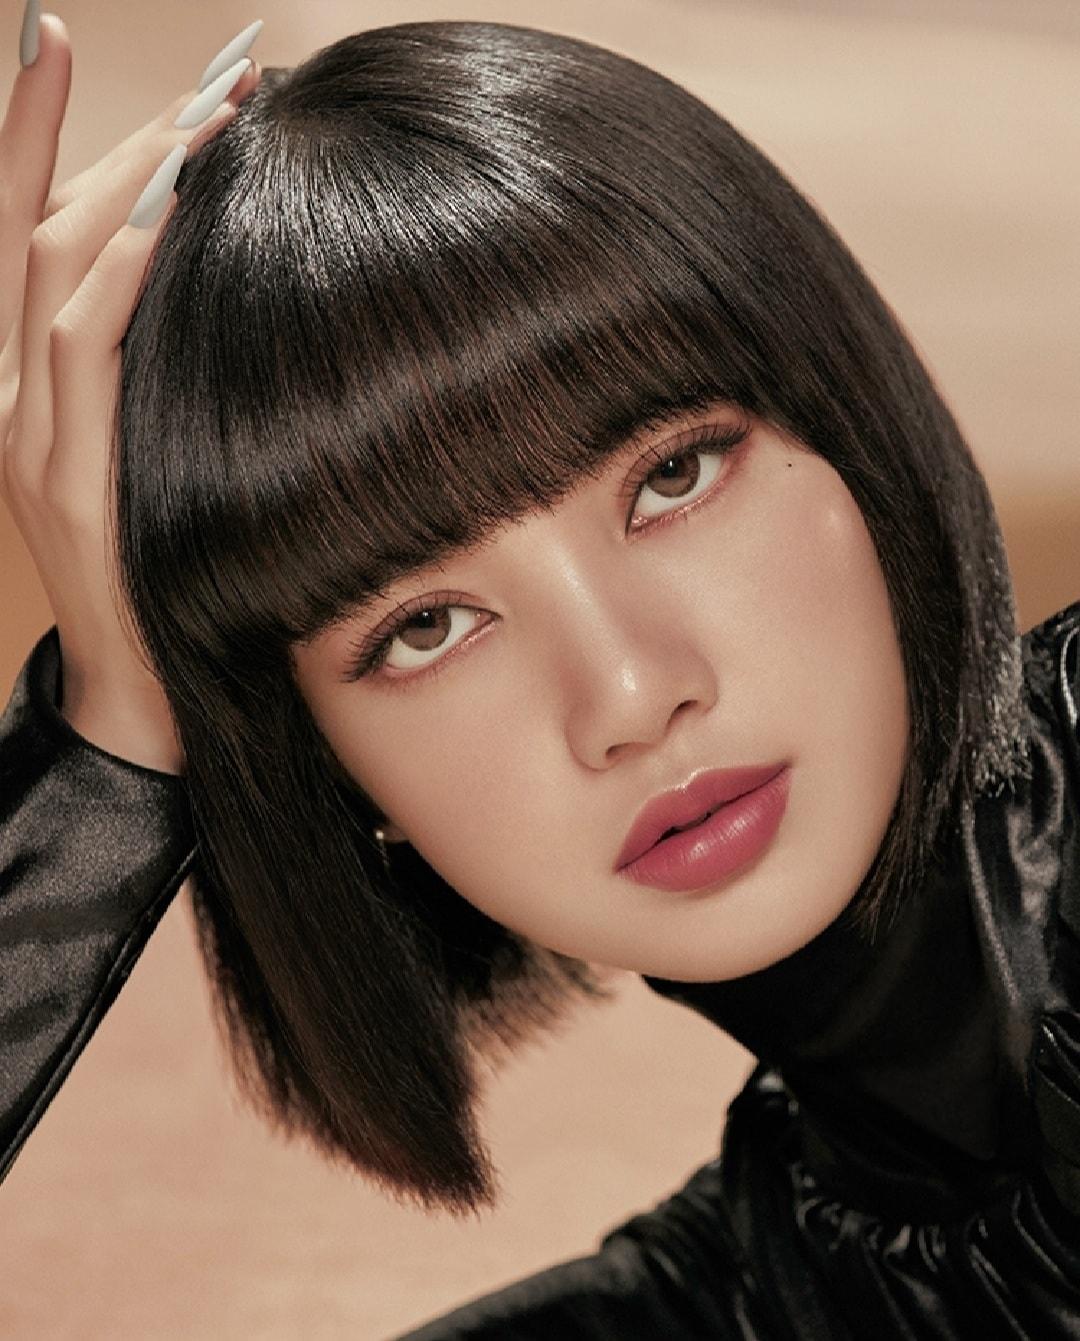 Với gương mặt không góc chết, Lisa có thể thay đổi nhiều sắc thái, tạo hình khi chụp ảnh để những photoshoot quảng cáo càng thêm thu hút.